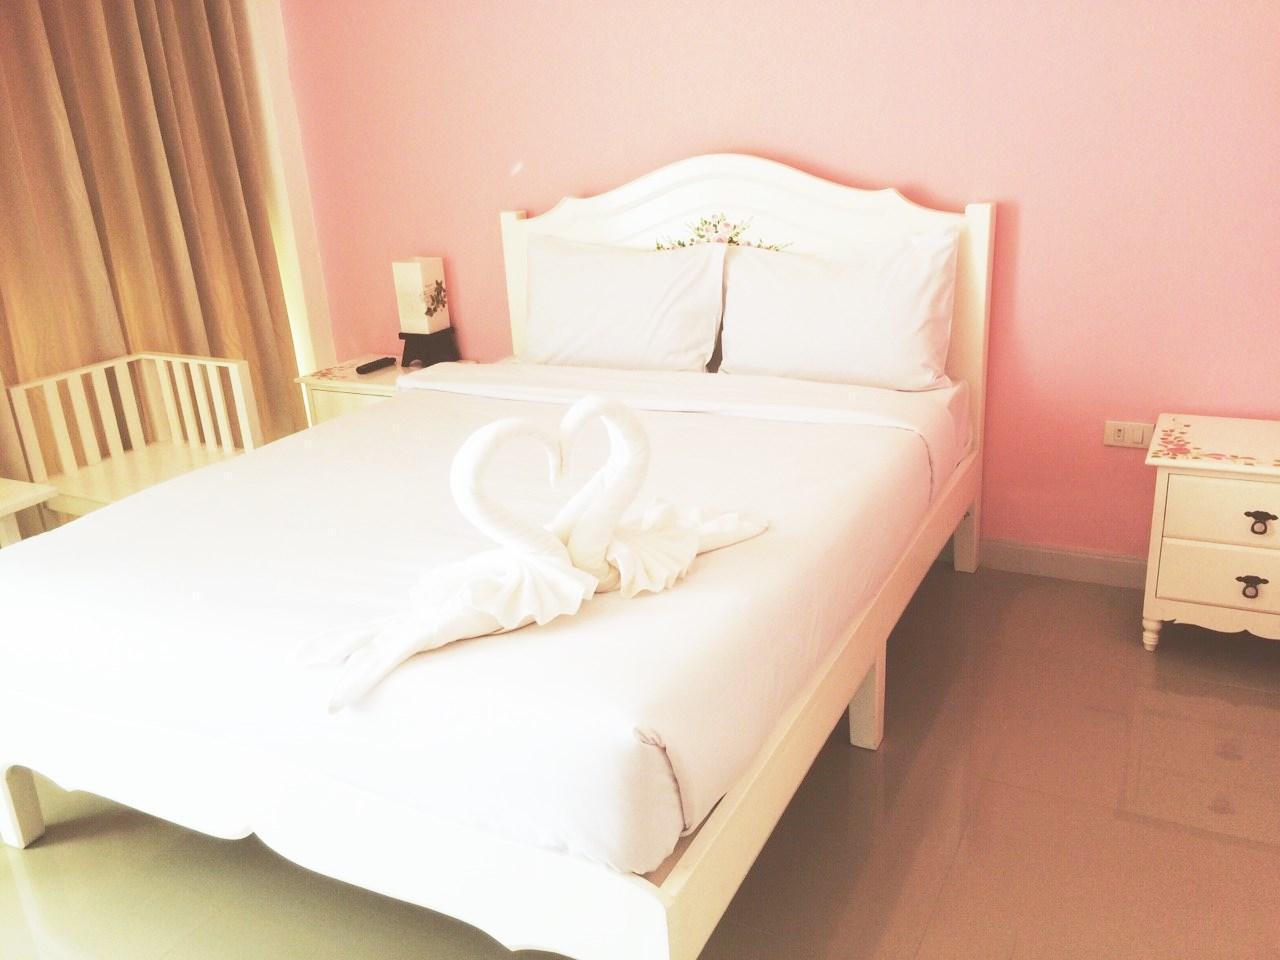 Like Residence Superior double room สตูดิโอ อพาร์ตเมนต์ 1 ห้องน้ำส่วนตัว ขนาด 25 ตร.ม. – ซิตี้เซ็นเตอร์